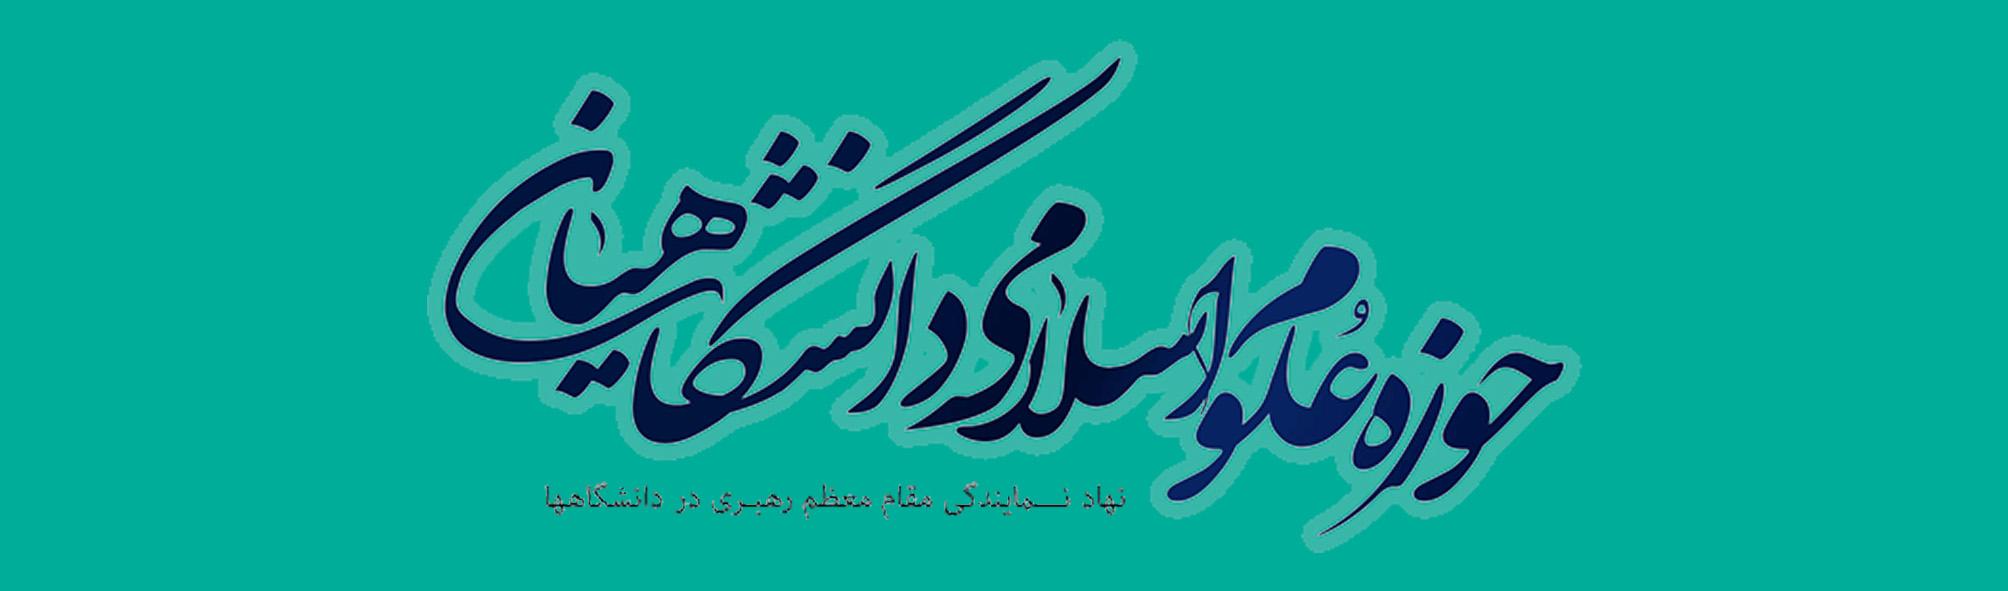 حوزه علوم اسلامي دانشگاهيان